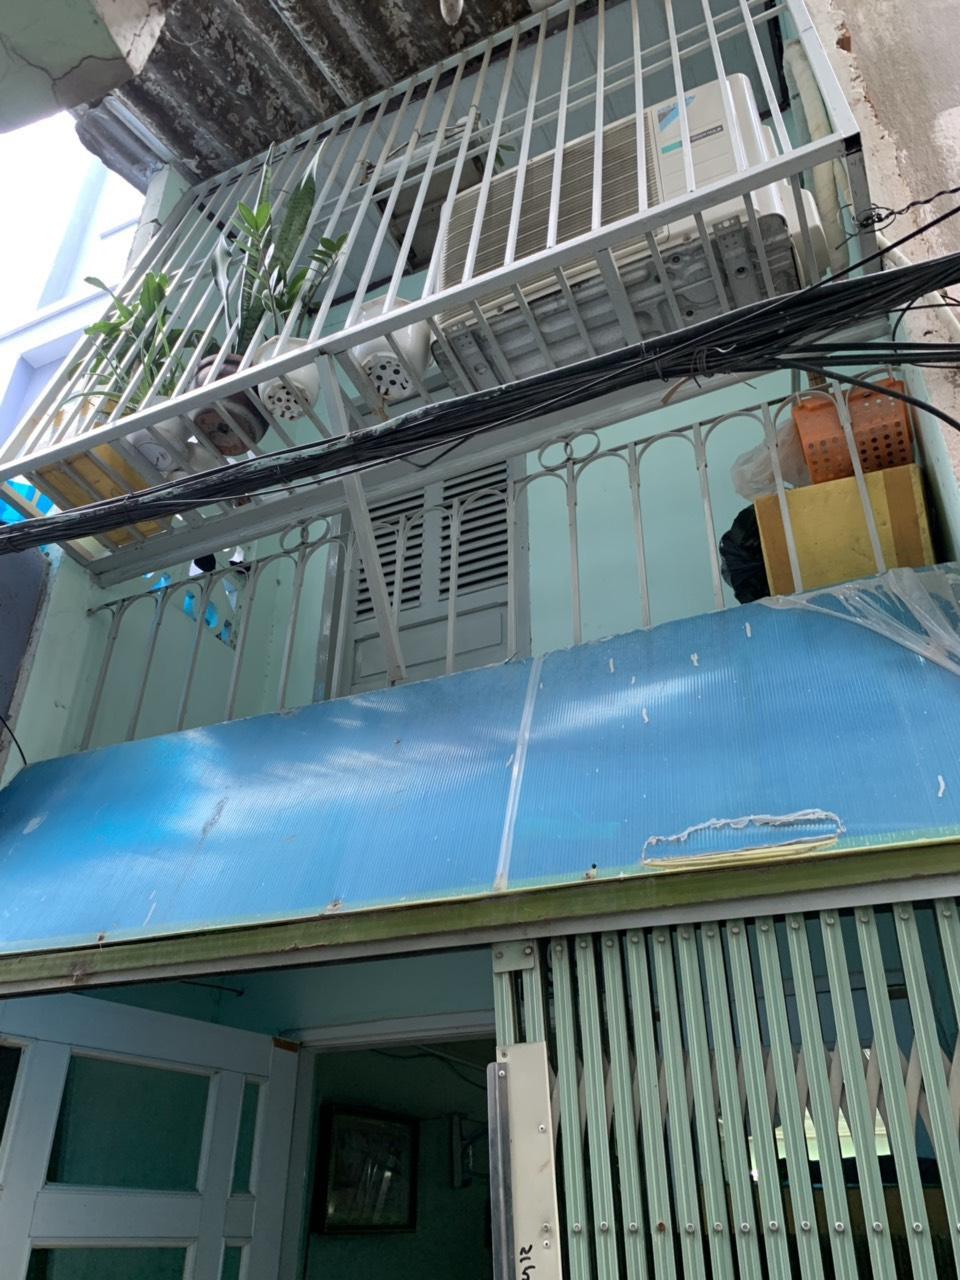 Bán nhà nhỏ xinh đường Tạ Quang Bửu phường 3 Quận 8 giá rẻ 2 tỷ 100